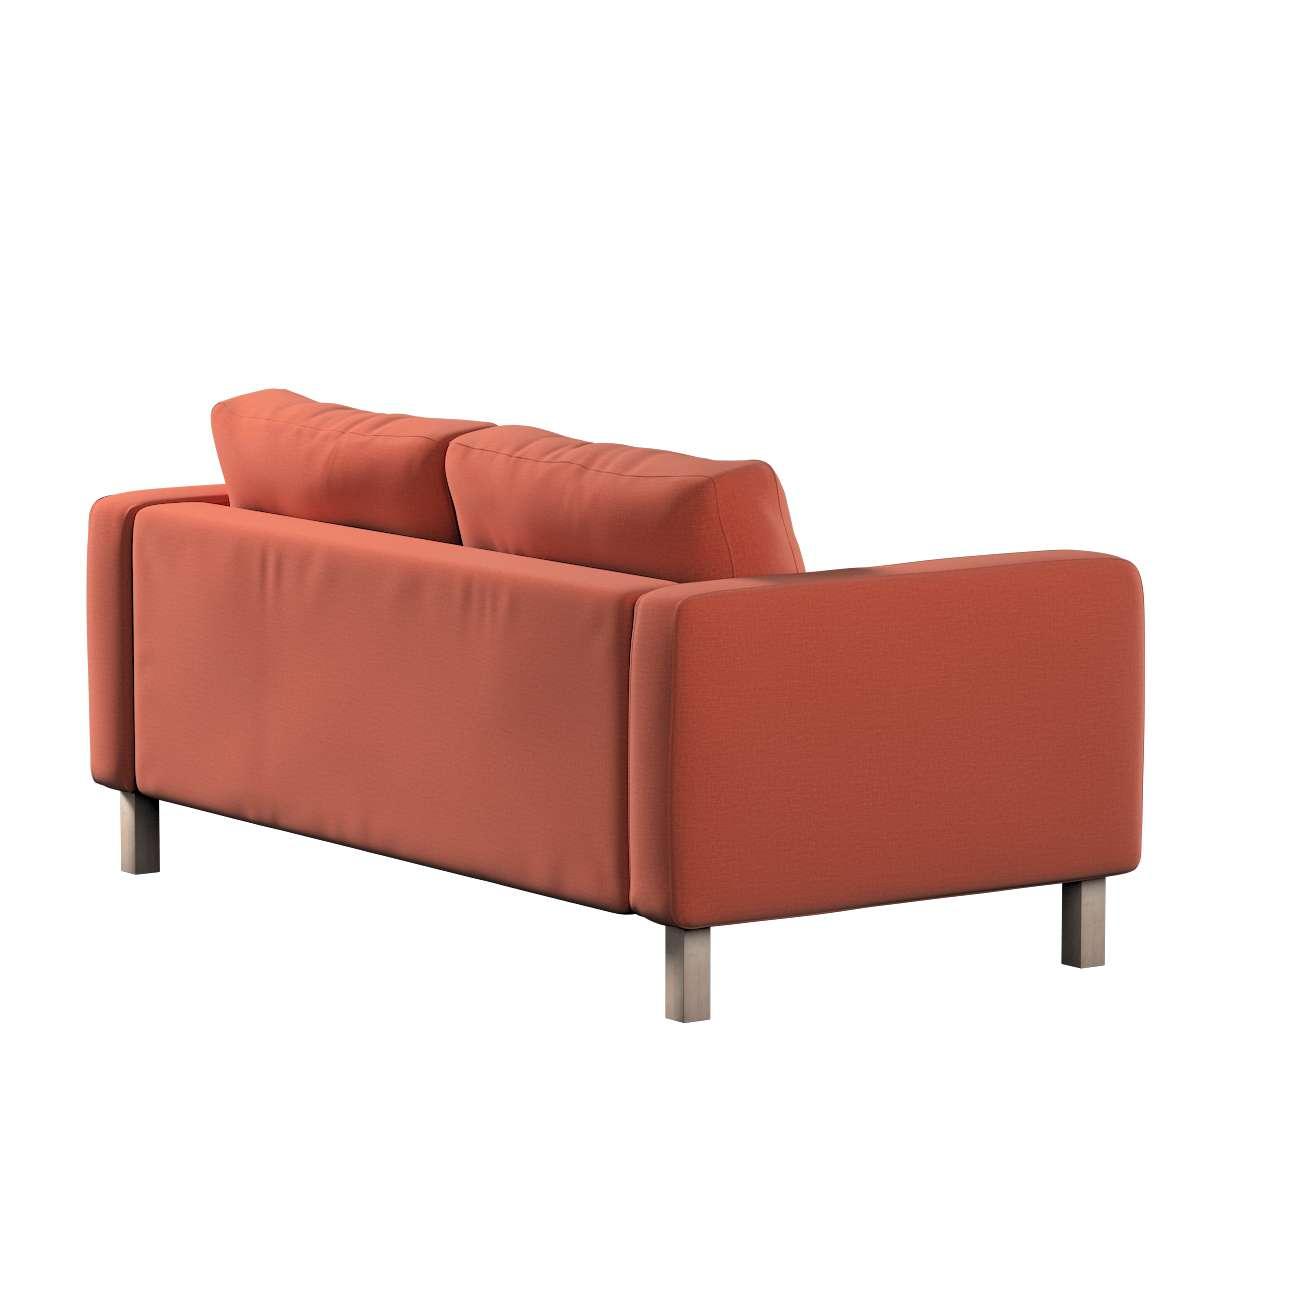 Karlstad klädsel 2-sits soffa - kort i kollektionen Ingrid, Tyg: 705-37